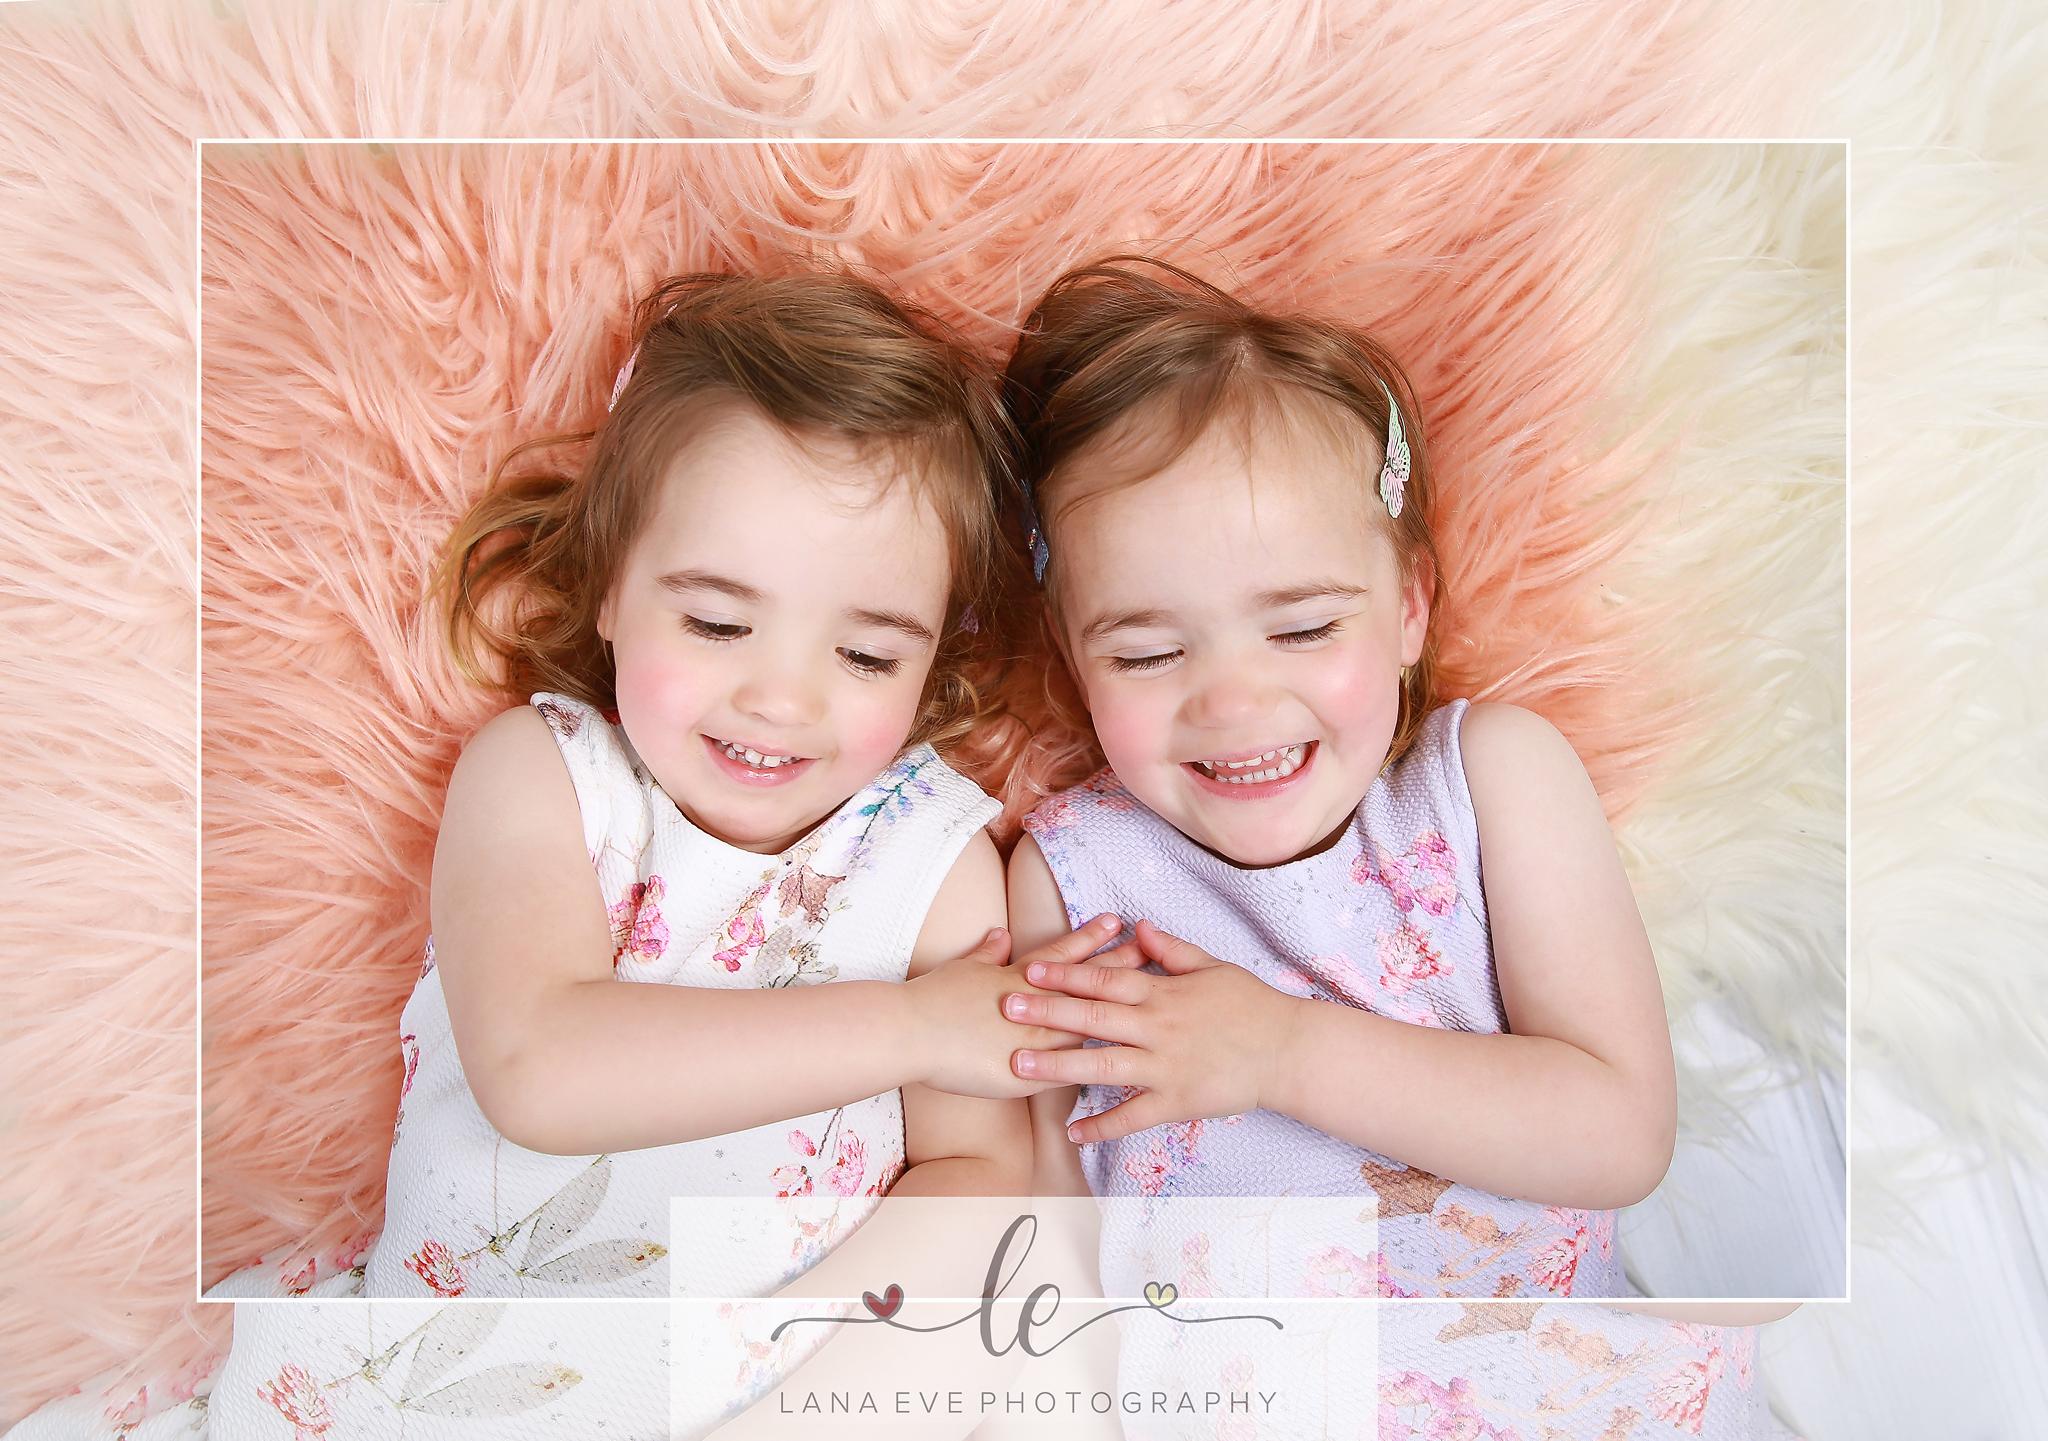 Twins fb